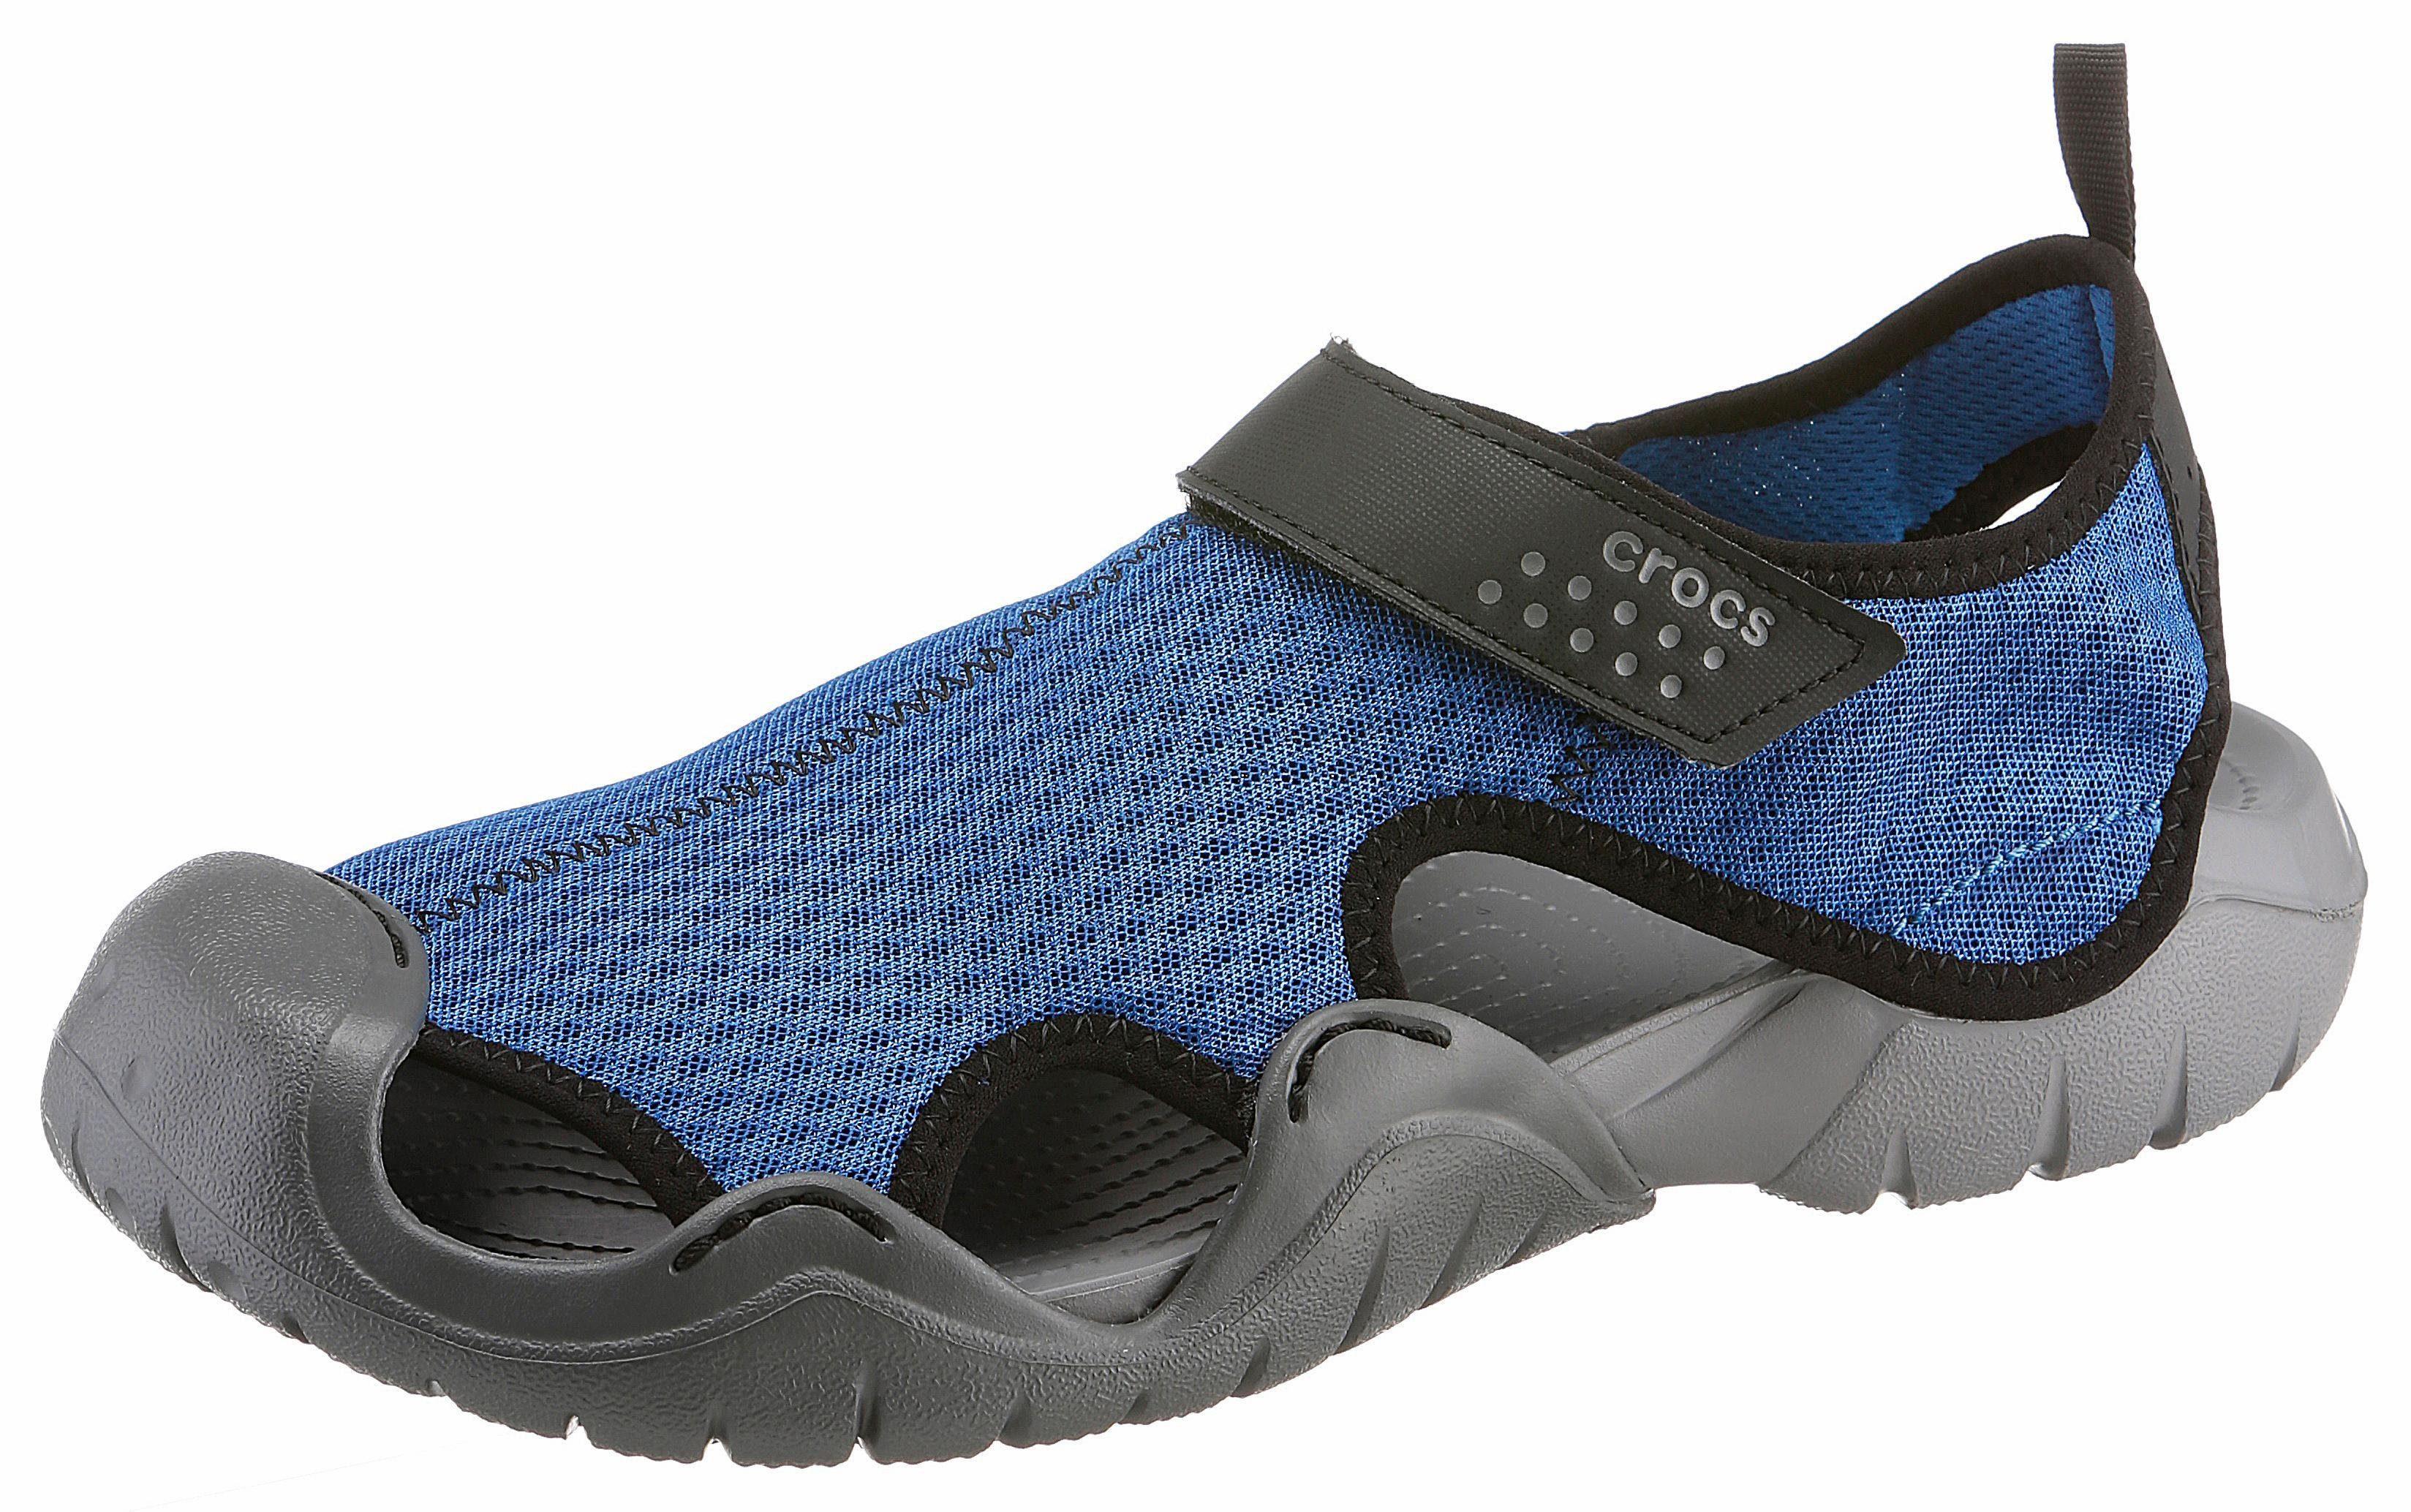 Crocs Swiftwater Sandal Sandale, mit praktischem Klettverschluss online kaufen  blau